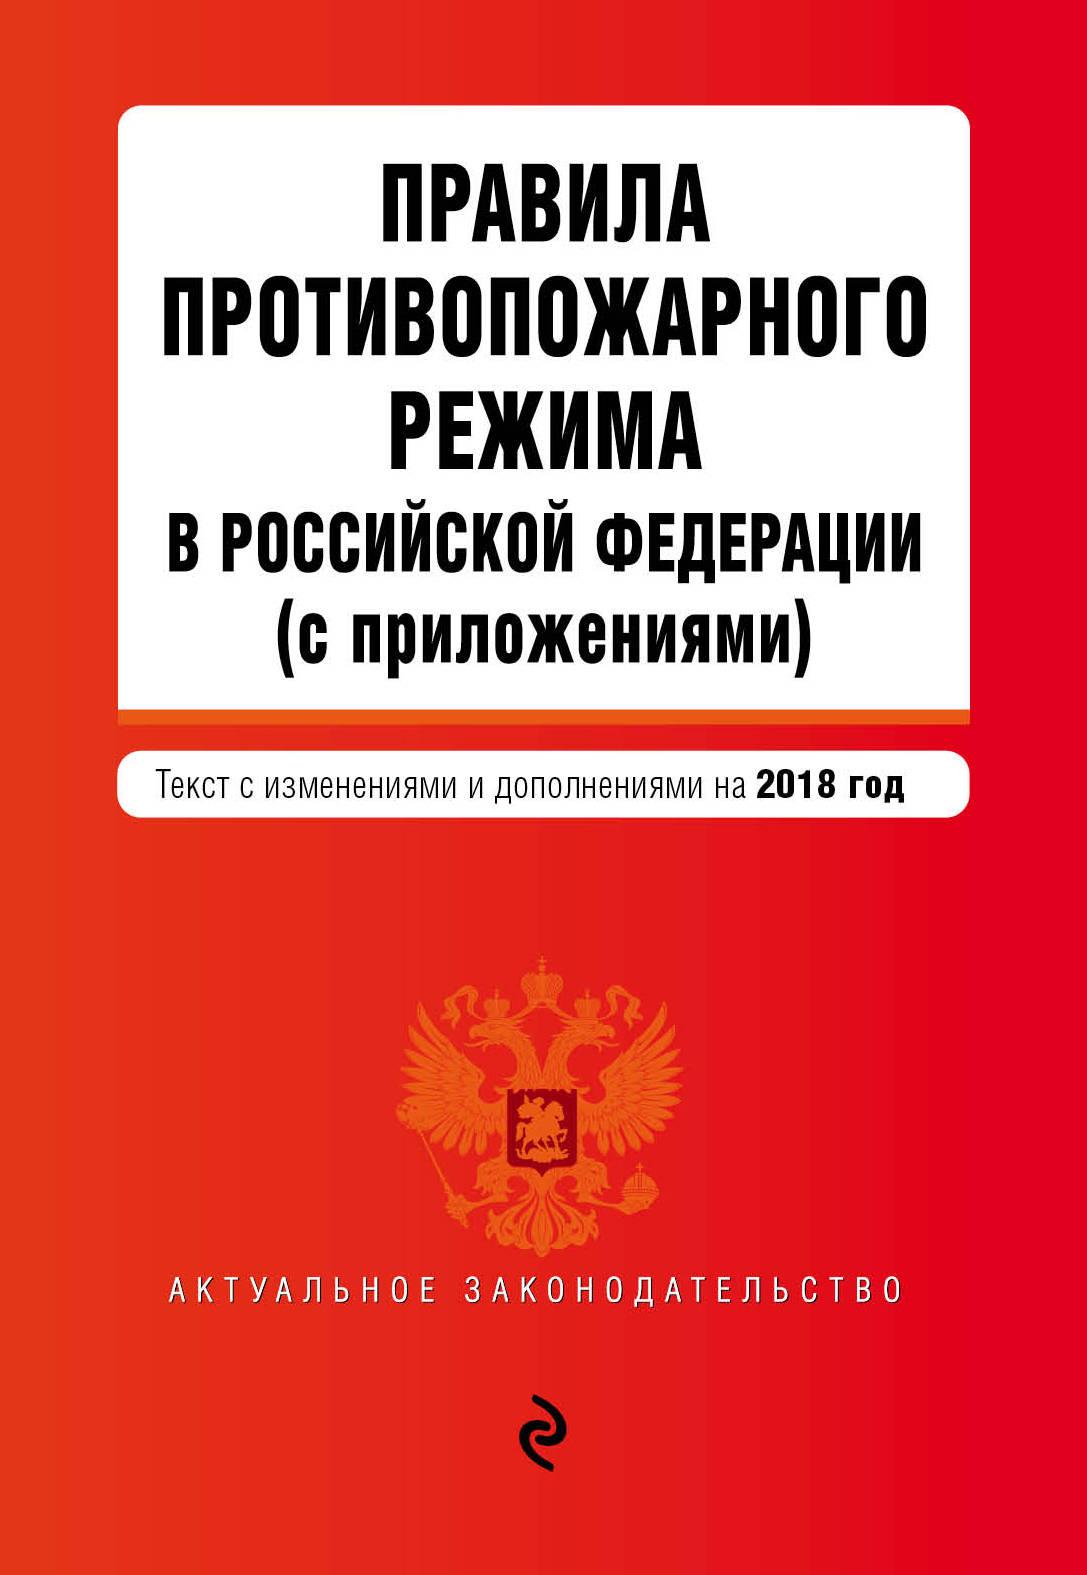 Правила противопожарного режима в Российской Федерации (с приложениями). Текст с последними изменениями и дополнениями на 2018 год